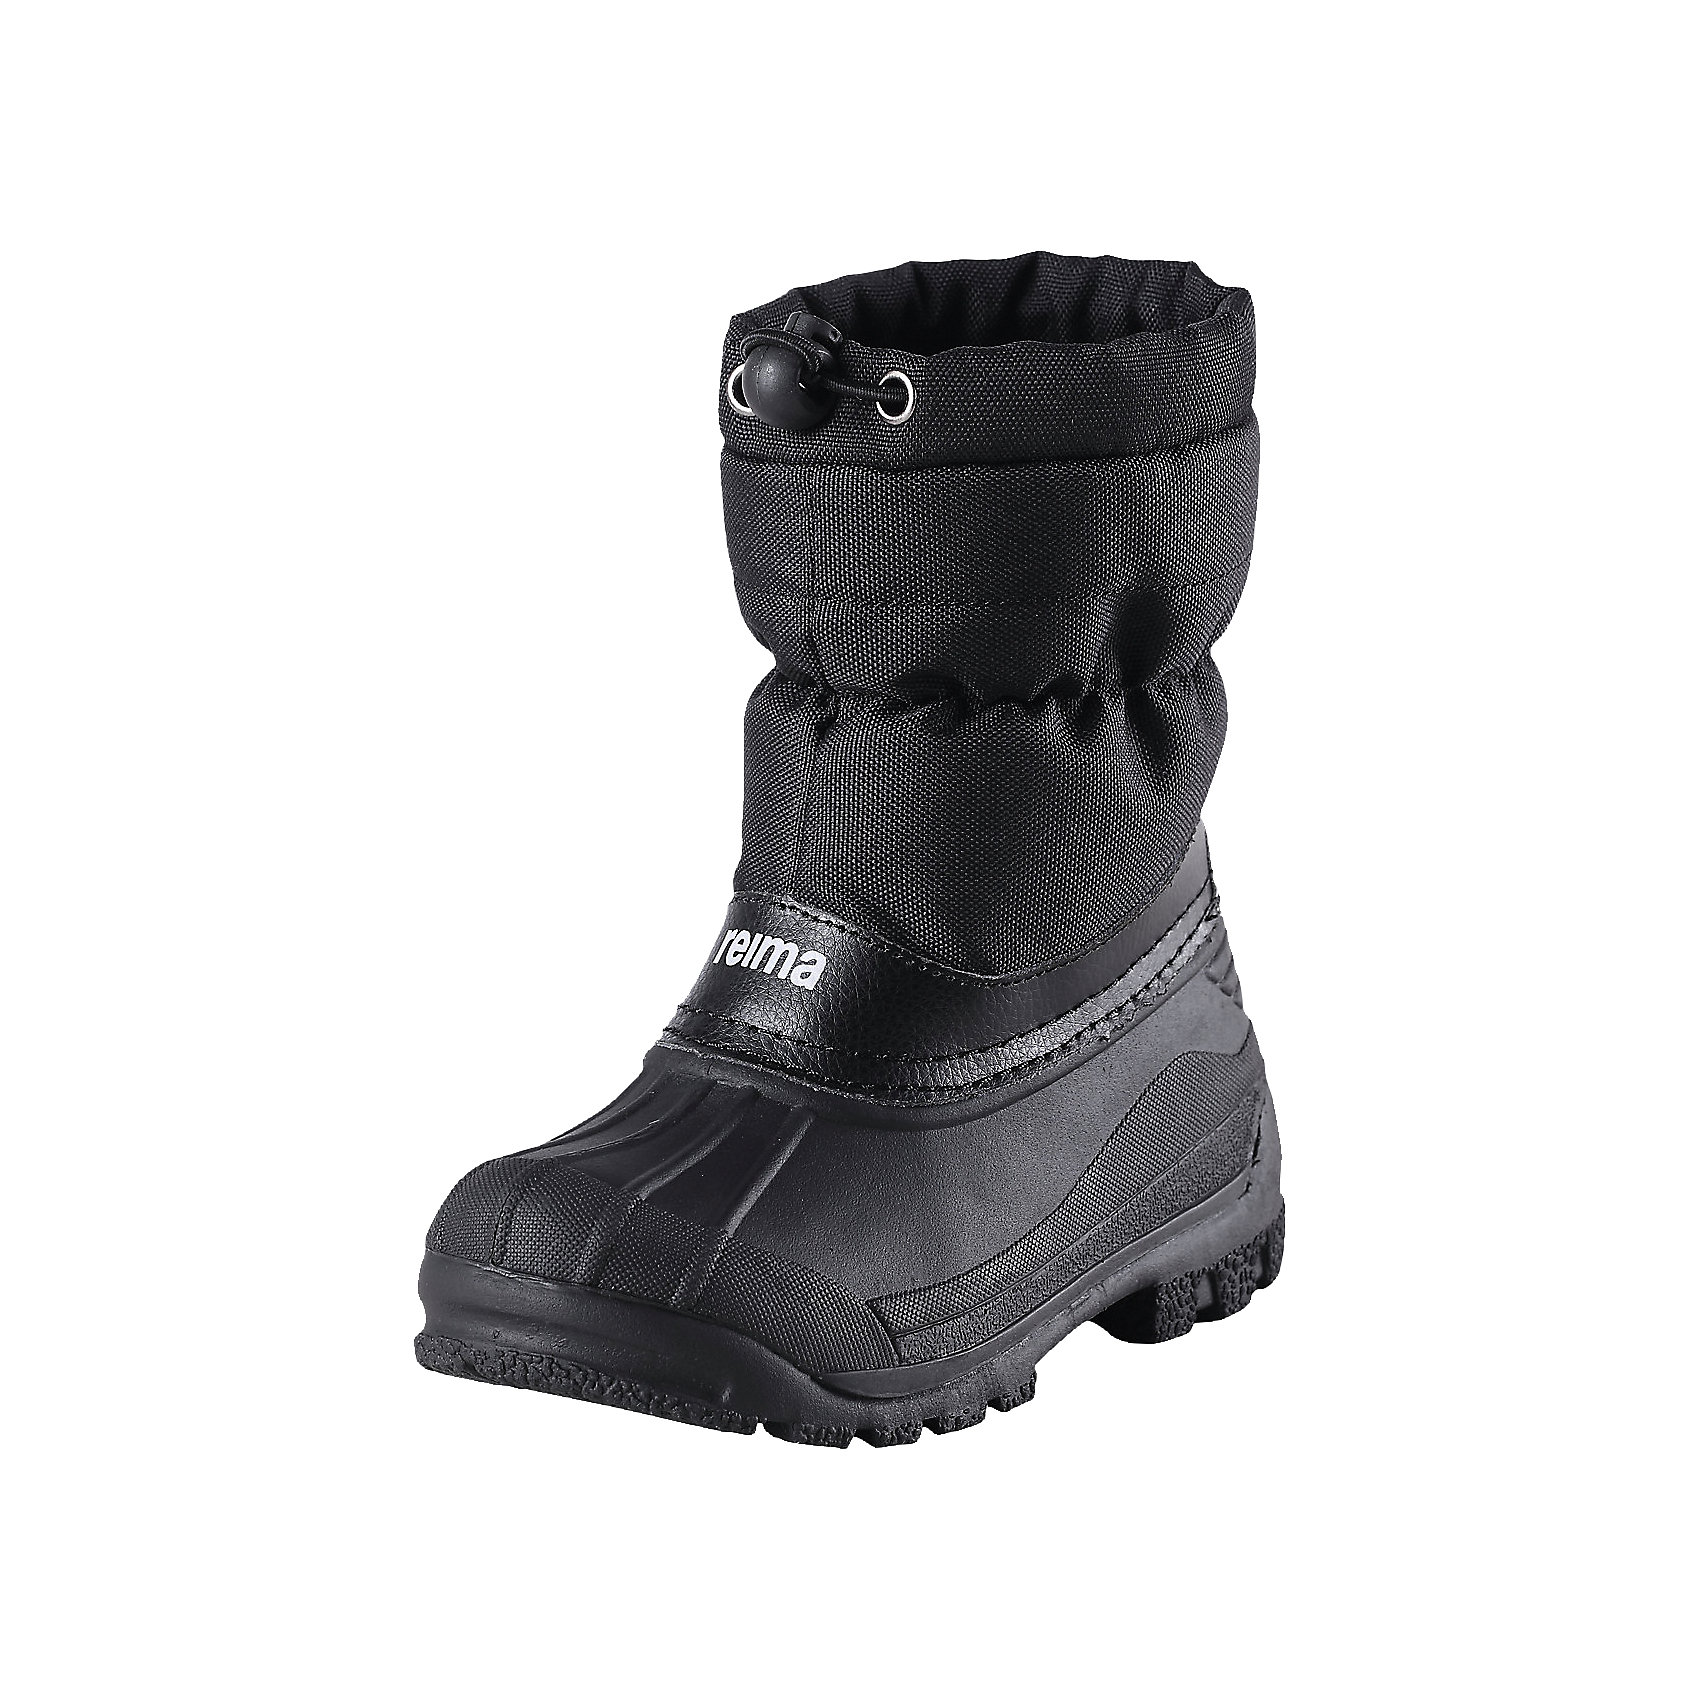 Ботинки Nefar для мальчика ReimaОбувь<br>Классические детские ботинки для снежной погоды от Reima® с подошвой из термопластичного каучука - очень популярная и надёжная зимняя обувь! Ботинки с утеплёнными голенищами великолепно подходят как для игр в снегу, так и для слякотных дождливых дней, потому что галошная часть изготовлена из совершенно водонепроницаемого и прочного термопластичного каучука. Обратите внимание, на рифлёный узор на внешней стороне подошвы спереди каблука: это поможет предотвратить изнашивание штрипок комбинезонов и брюк. Тёплая подкладка из текстиля согреет маленькие ножки во время зимних прогулок по морозу. Ботики легко и быстро надеваются, имеется блокировка от снега на голенище. Благодаря светоотражающей детали на заднике вы сможете видеть ребёнка в темноте.<br><br>Зимние ботинки для мальчика от финской марки Reima.<br>*Классические детские ботики от Reima®<br>*Модель легко надевается <br>*Водоотталкивающий верх из текстиля <br>*Блокировка от снега на голенище <br>*Область галош из термопластичного каучука <br>*Светоотражающая деталь на заднике<br>Состав:<br>Подошва: термопластичная резина, Верх: Полиэстер<br>Средняя степень утепления (до - 20)<br><br>Зимние ботинки для мальчика можно купить в нашем магазине.<br><br>Ширина мм: 262<br>Глубина мм: 176<br>Высота мм: 97<br>Вес г: 427<br>Цвет: черный<br>Возраст от месяцев: 21<br>Возраст до месяцев: 24<br>Пол: Мужской<br>Возраст: Детский<br>Размер: 24,29,26,32,28,27,35,33,31,25,30,34<br>SKU: 4193937